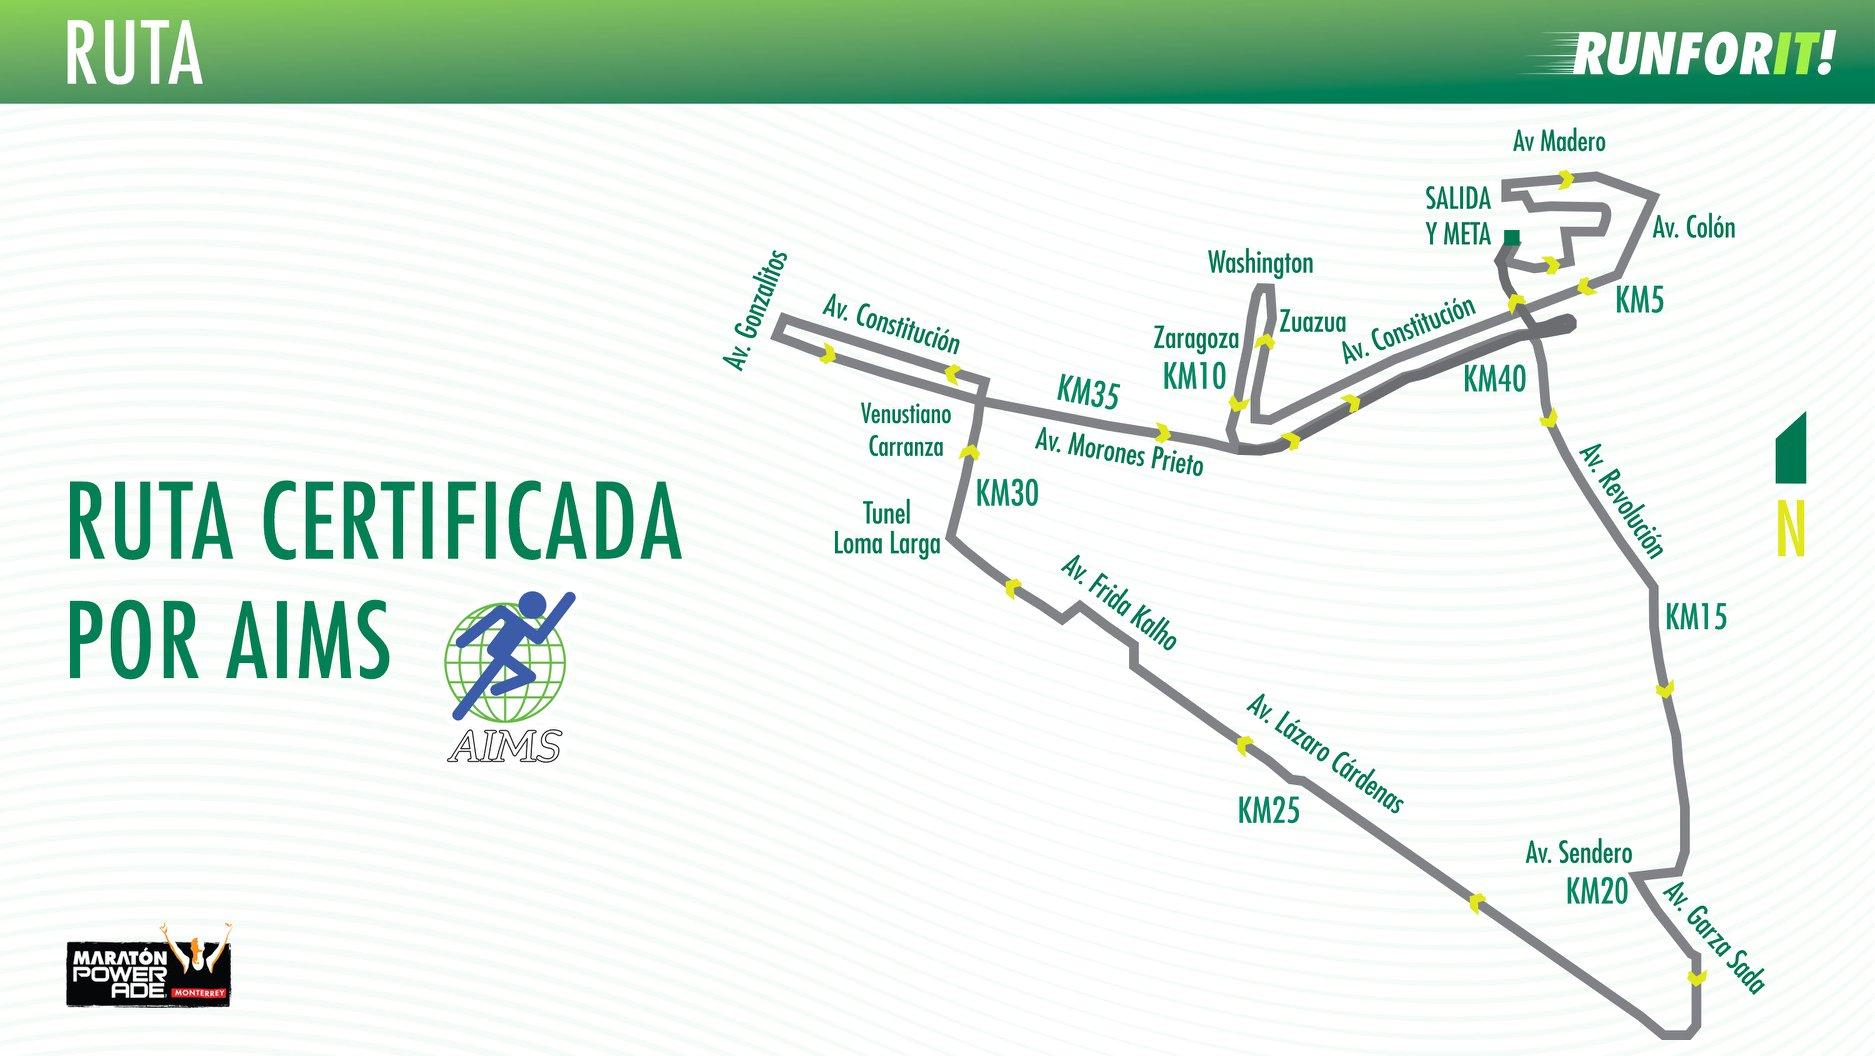 ruta maraton monterrey 2018